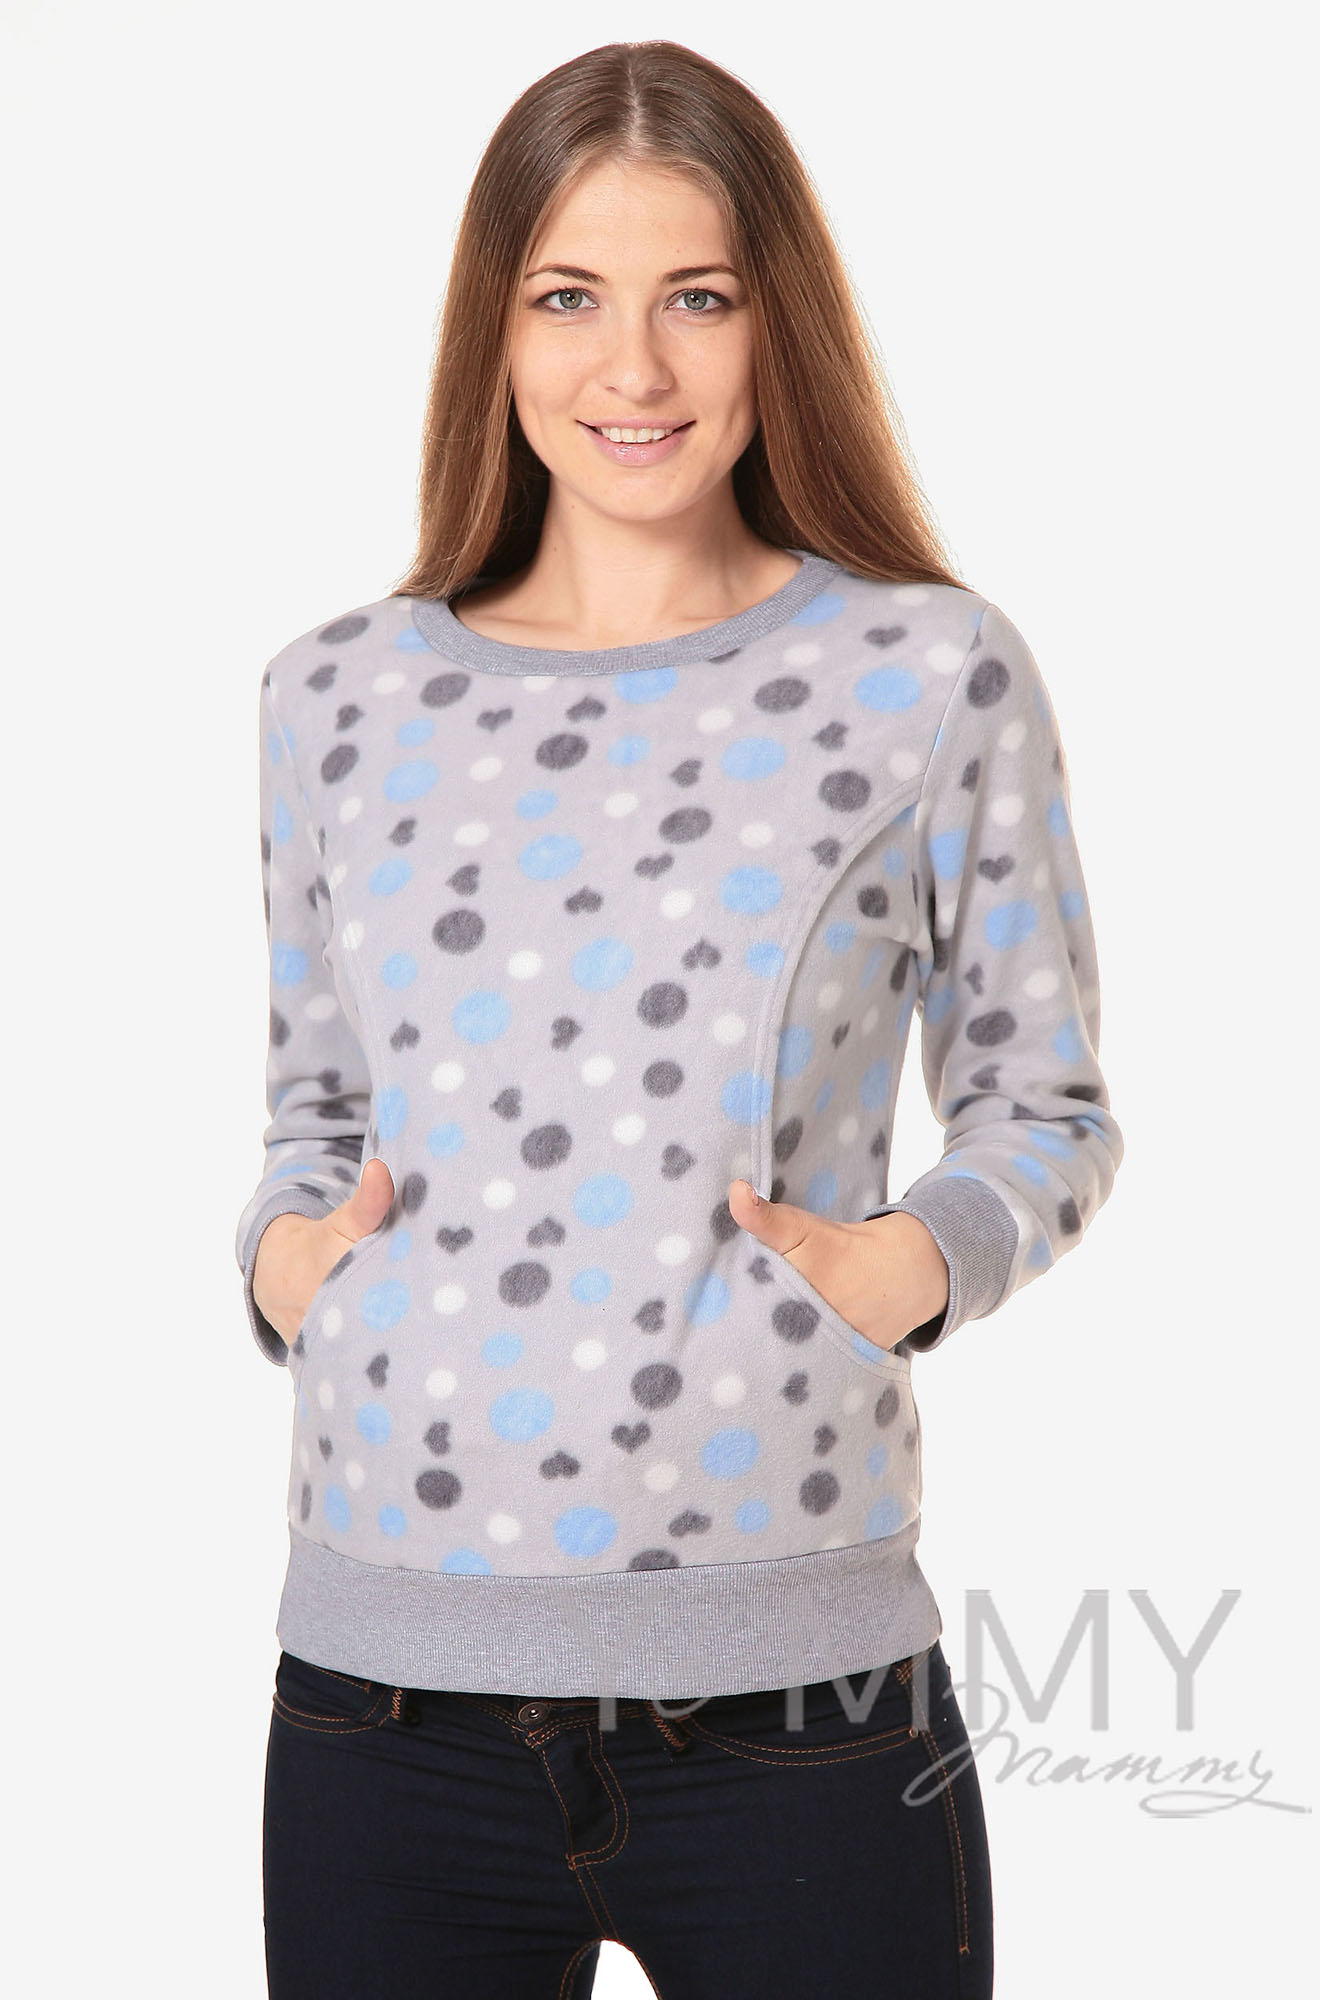 Джемпер для кормящих и беременных флисовый, цвет серый с голубыми и серыми кругами